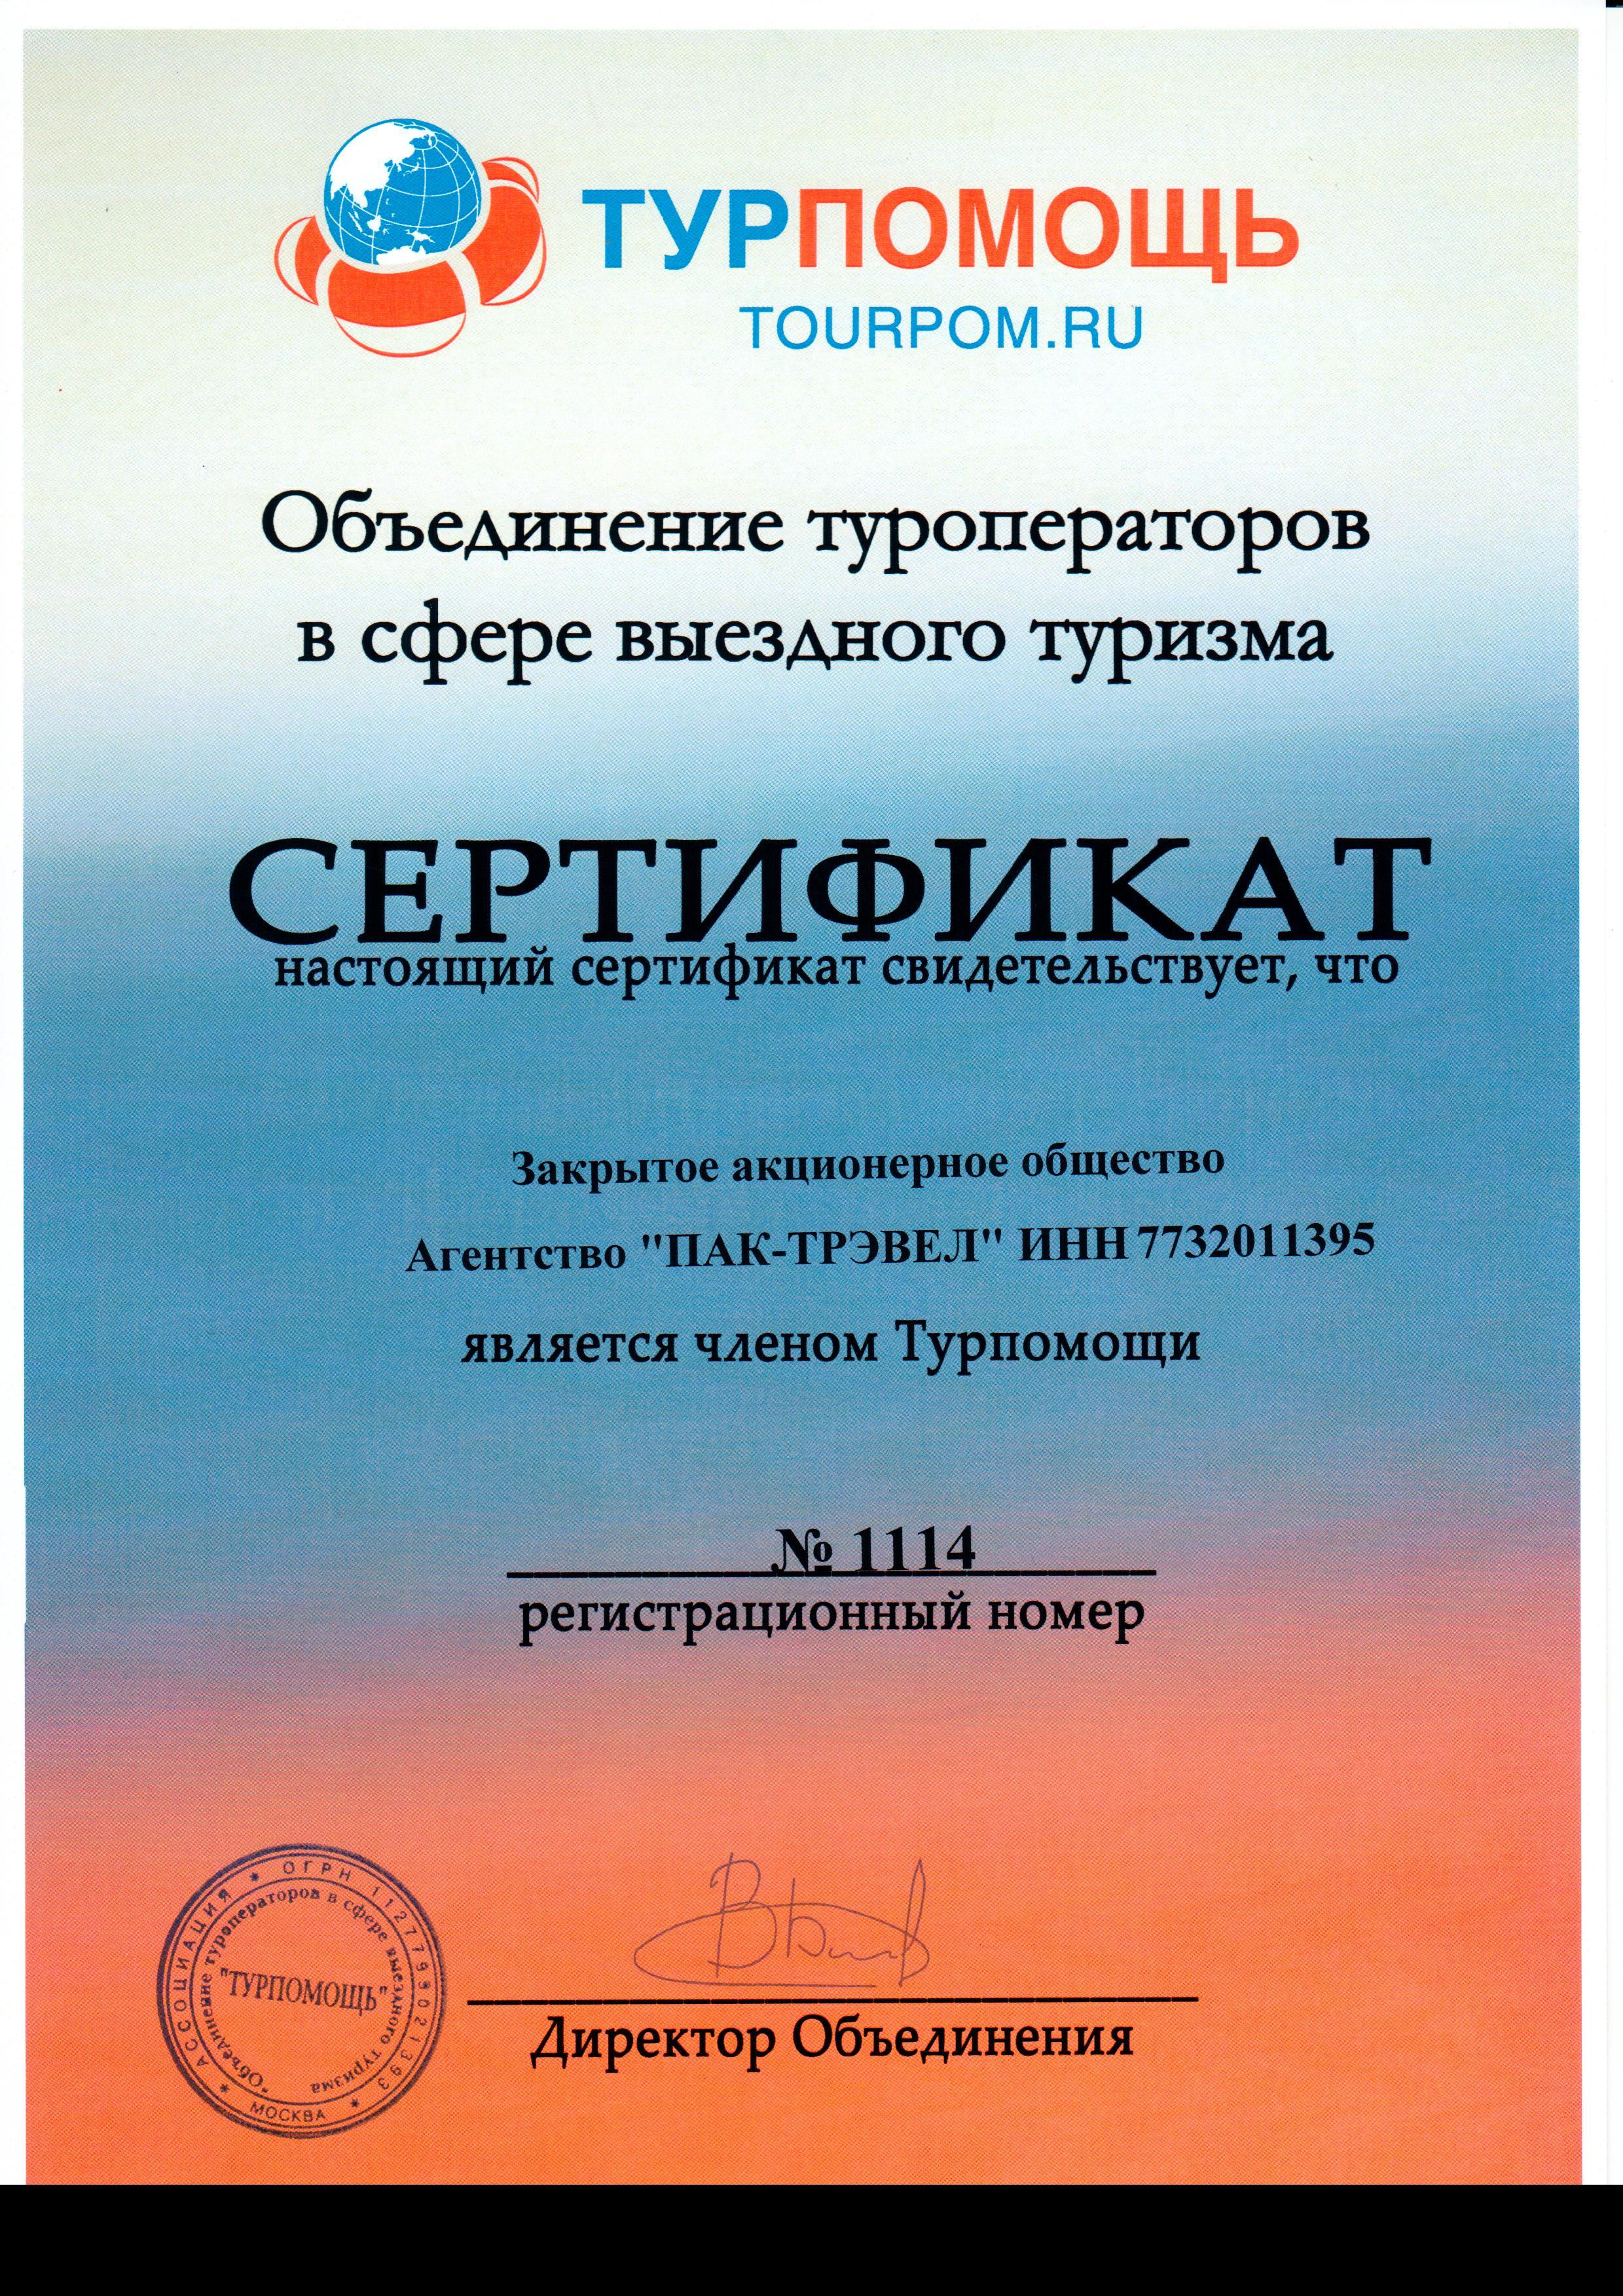 Сертификат ЗАО Агентство «ПАК-ТРЭВЕЛ»